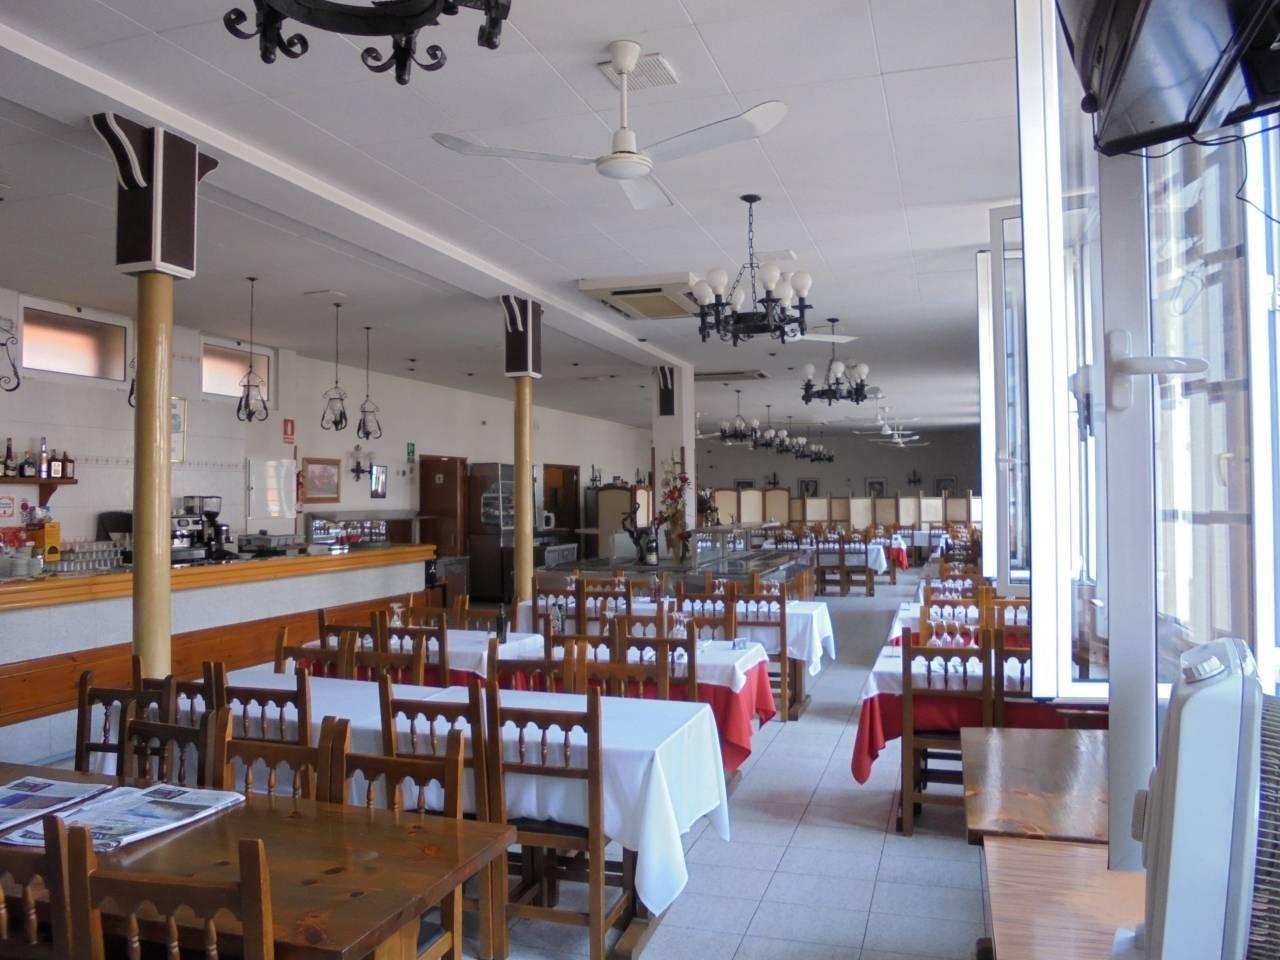 Local Comercial  Pueblo. Restaurante de renombre en pleno funcionamiento, en edificio de